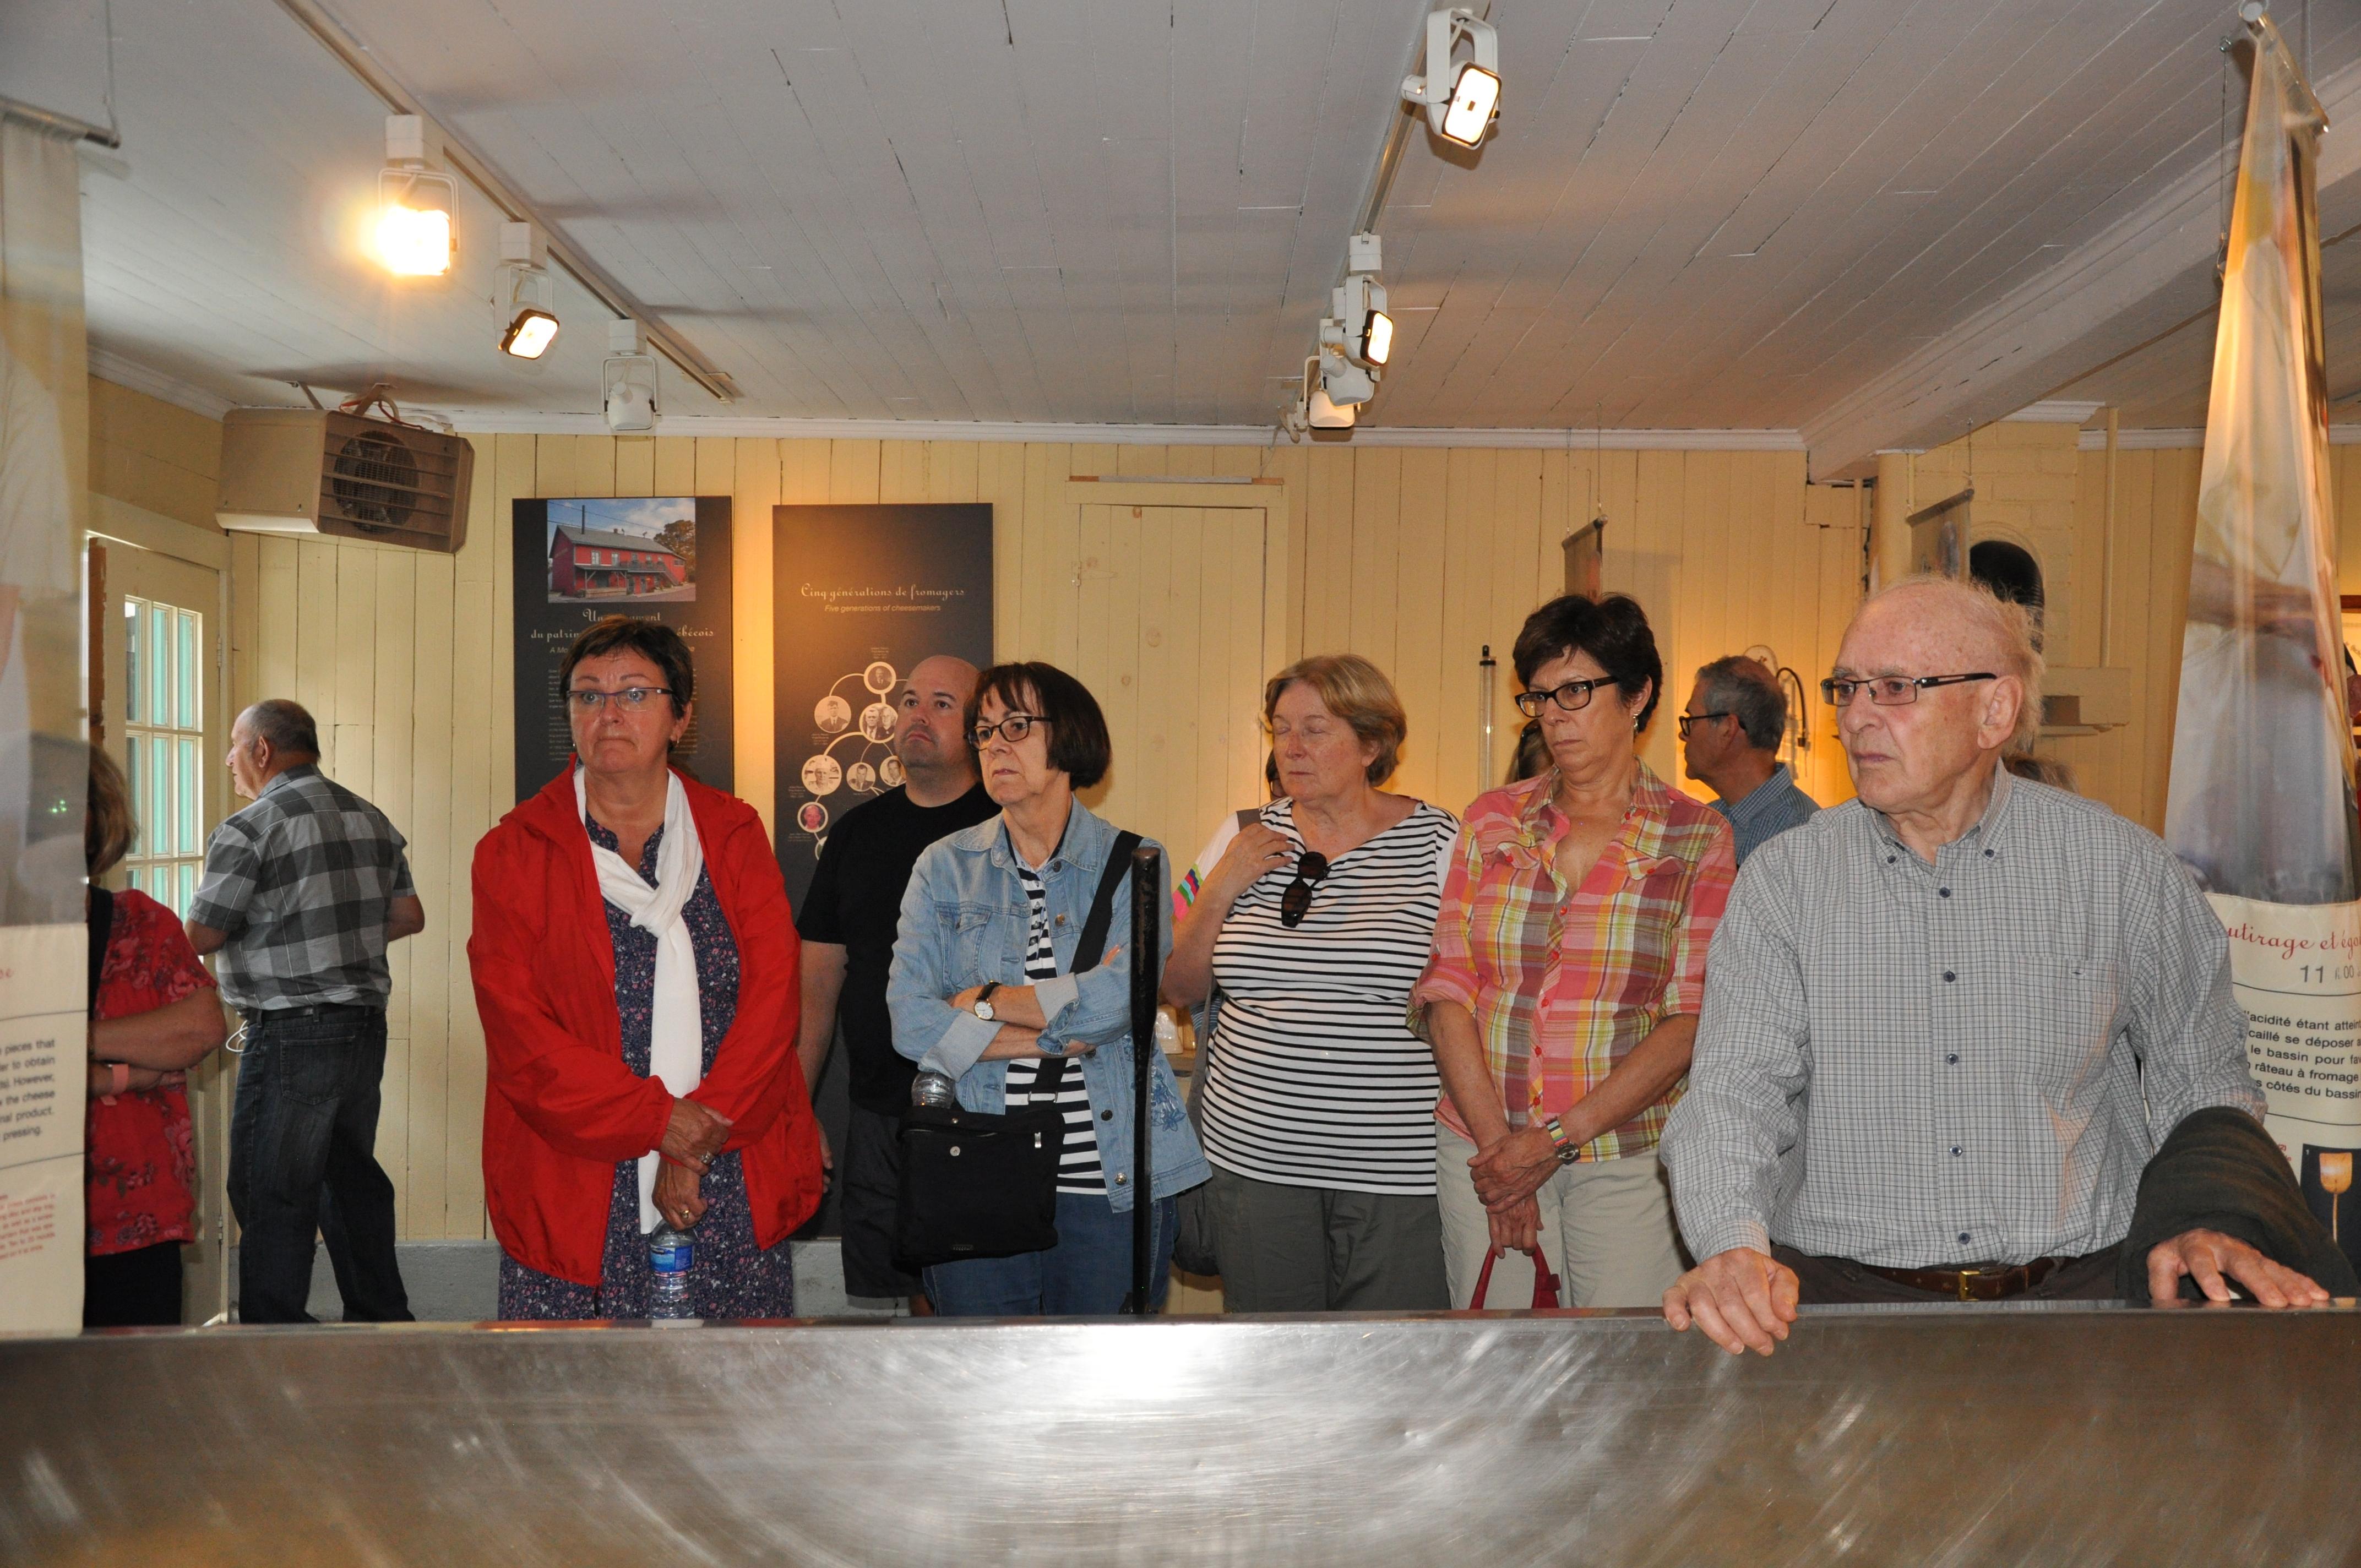 Visite de la fromagerie Perron à Saint-Prime (Musée...)